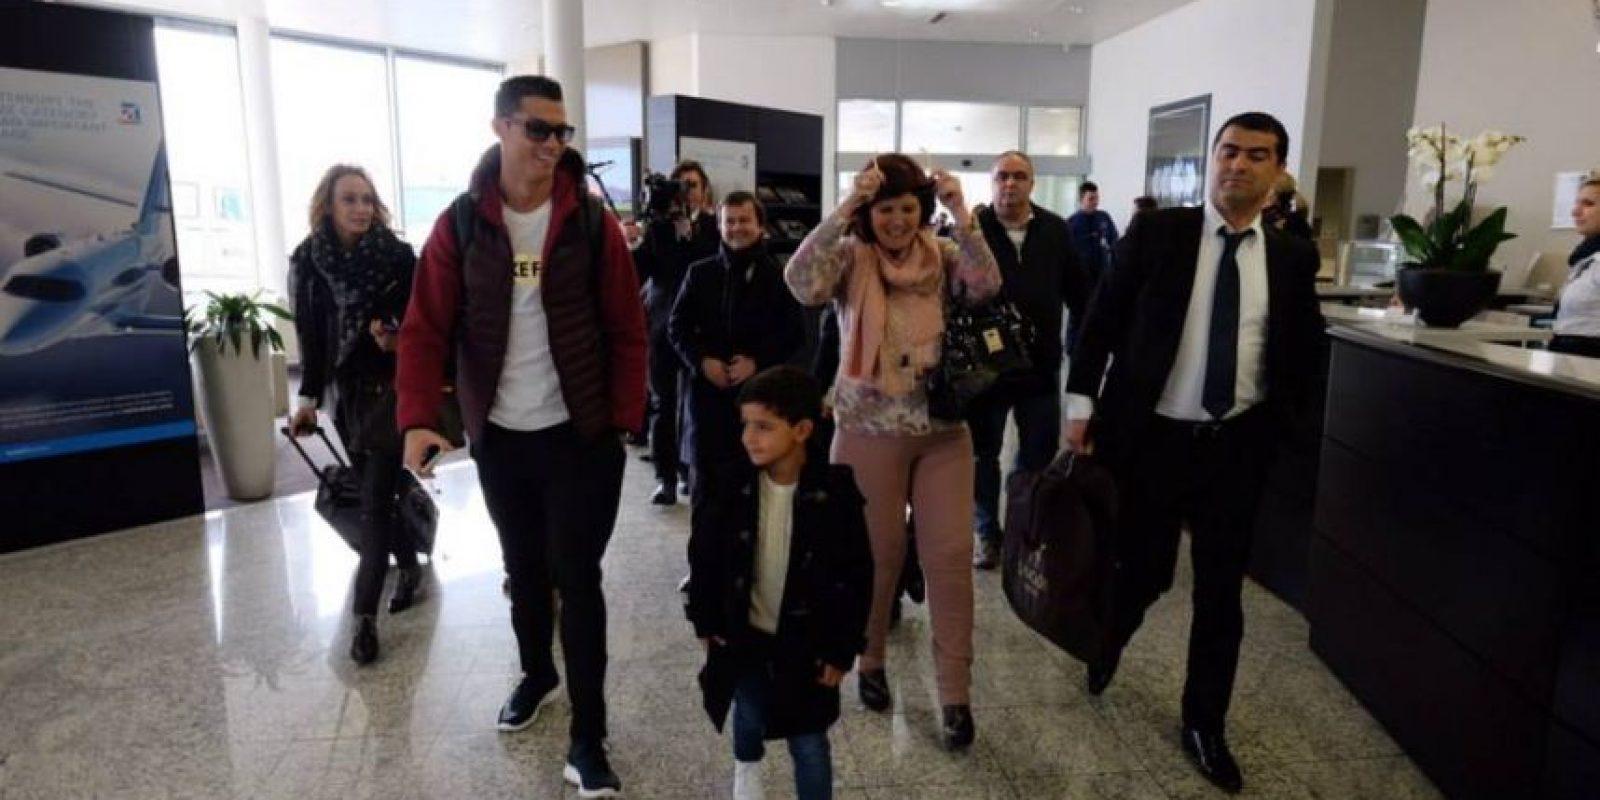 La identidad de la madre no se puede revelar por contrato. Foto:Vía instagram.com/Cristiano